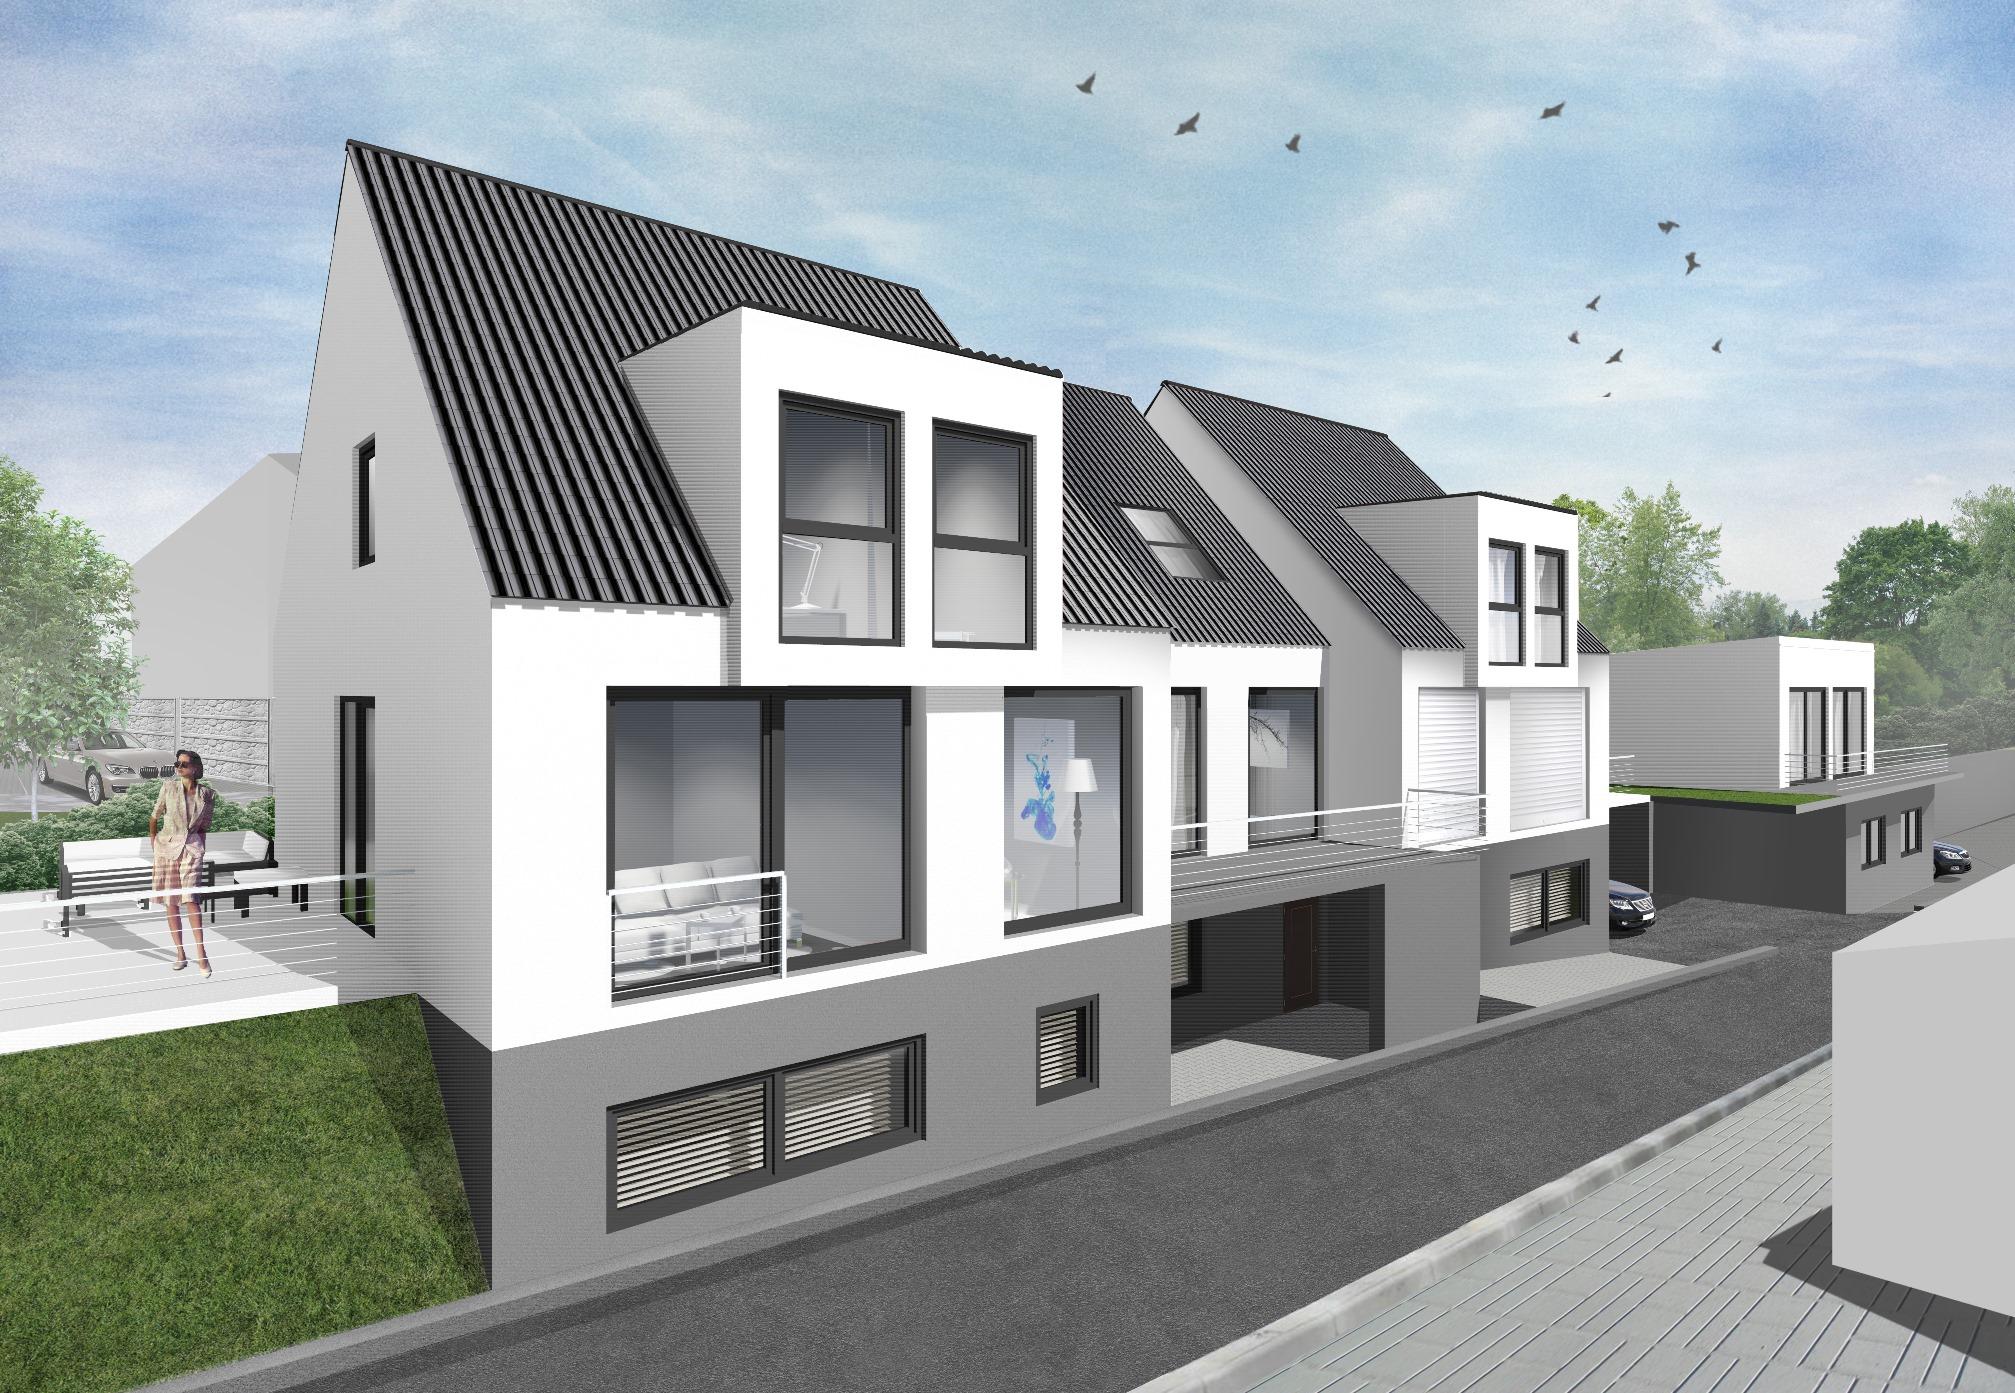 ihr neues eigenheim in uttenreuth bau und verkauf n projekt24 gmbh. Black Bedroom Furniture Sets. Home Design Ideas